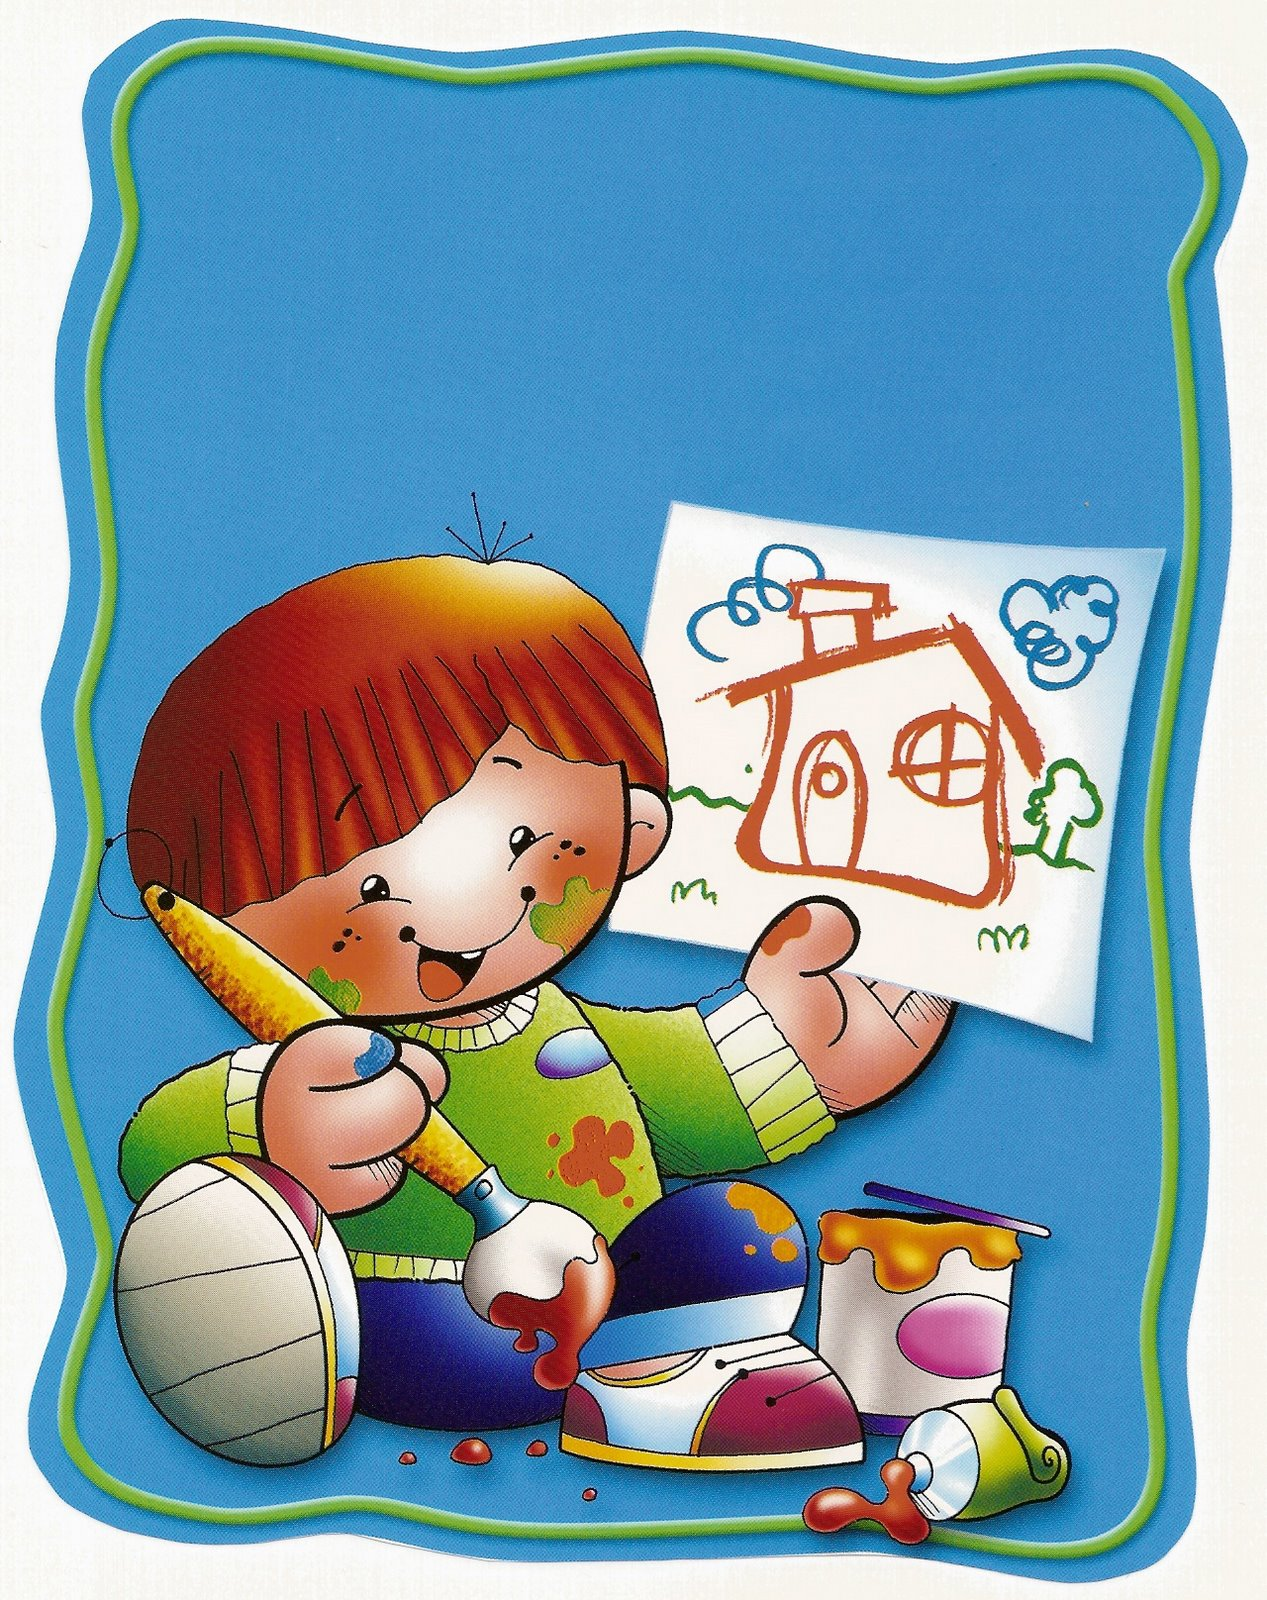 Mi rincón maestra infantil: rincones de actividad en el aula infantil